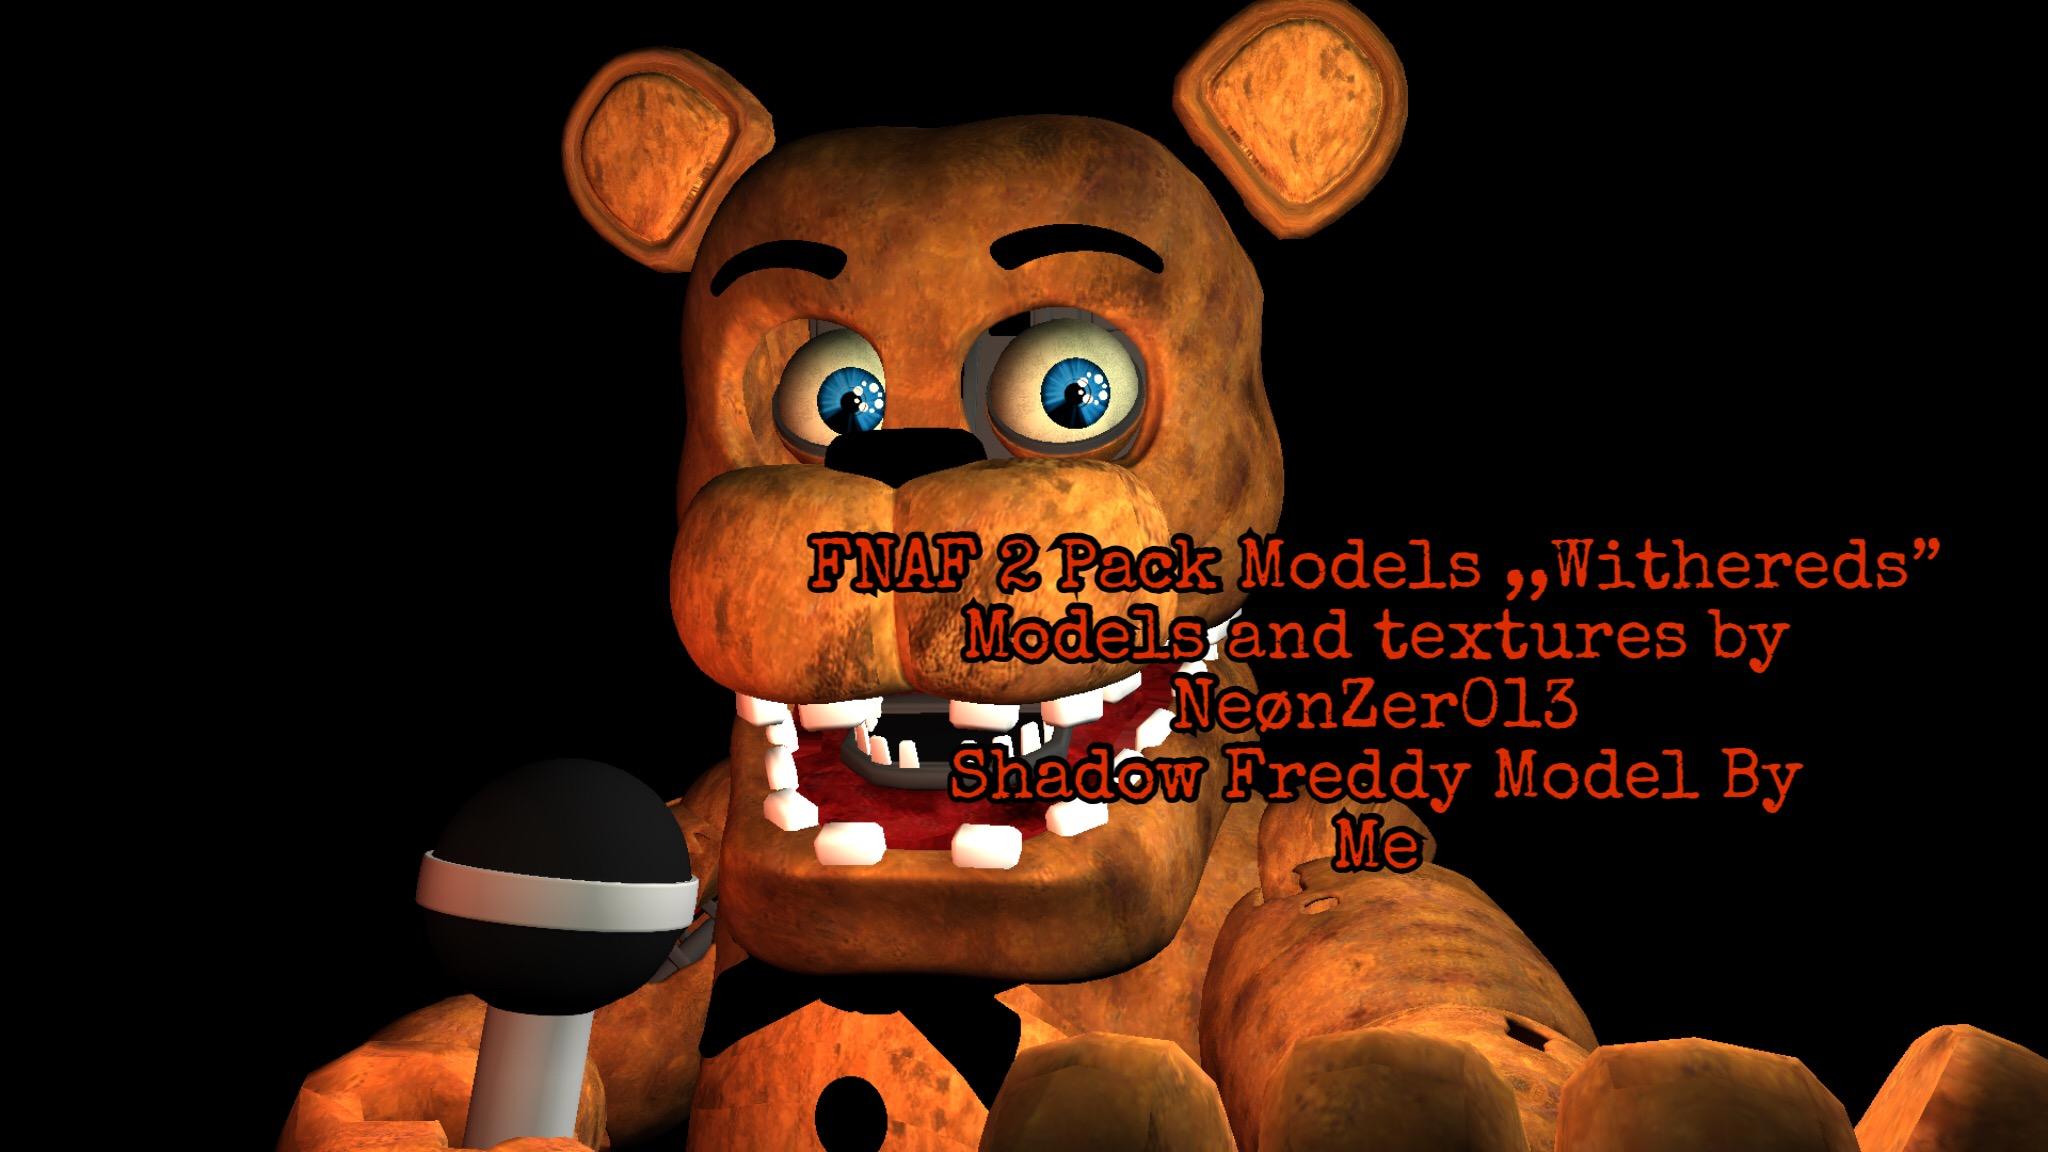 FNAF 2 Pack Models (FBX) by BonnieXeR on DeviantArt